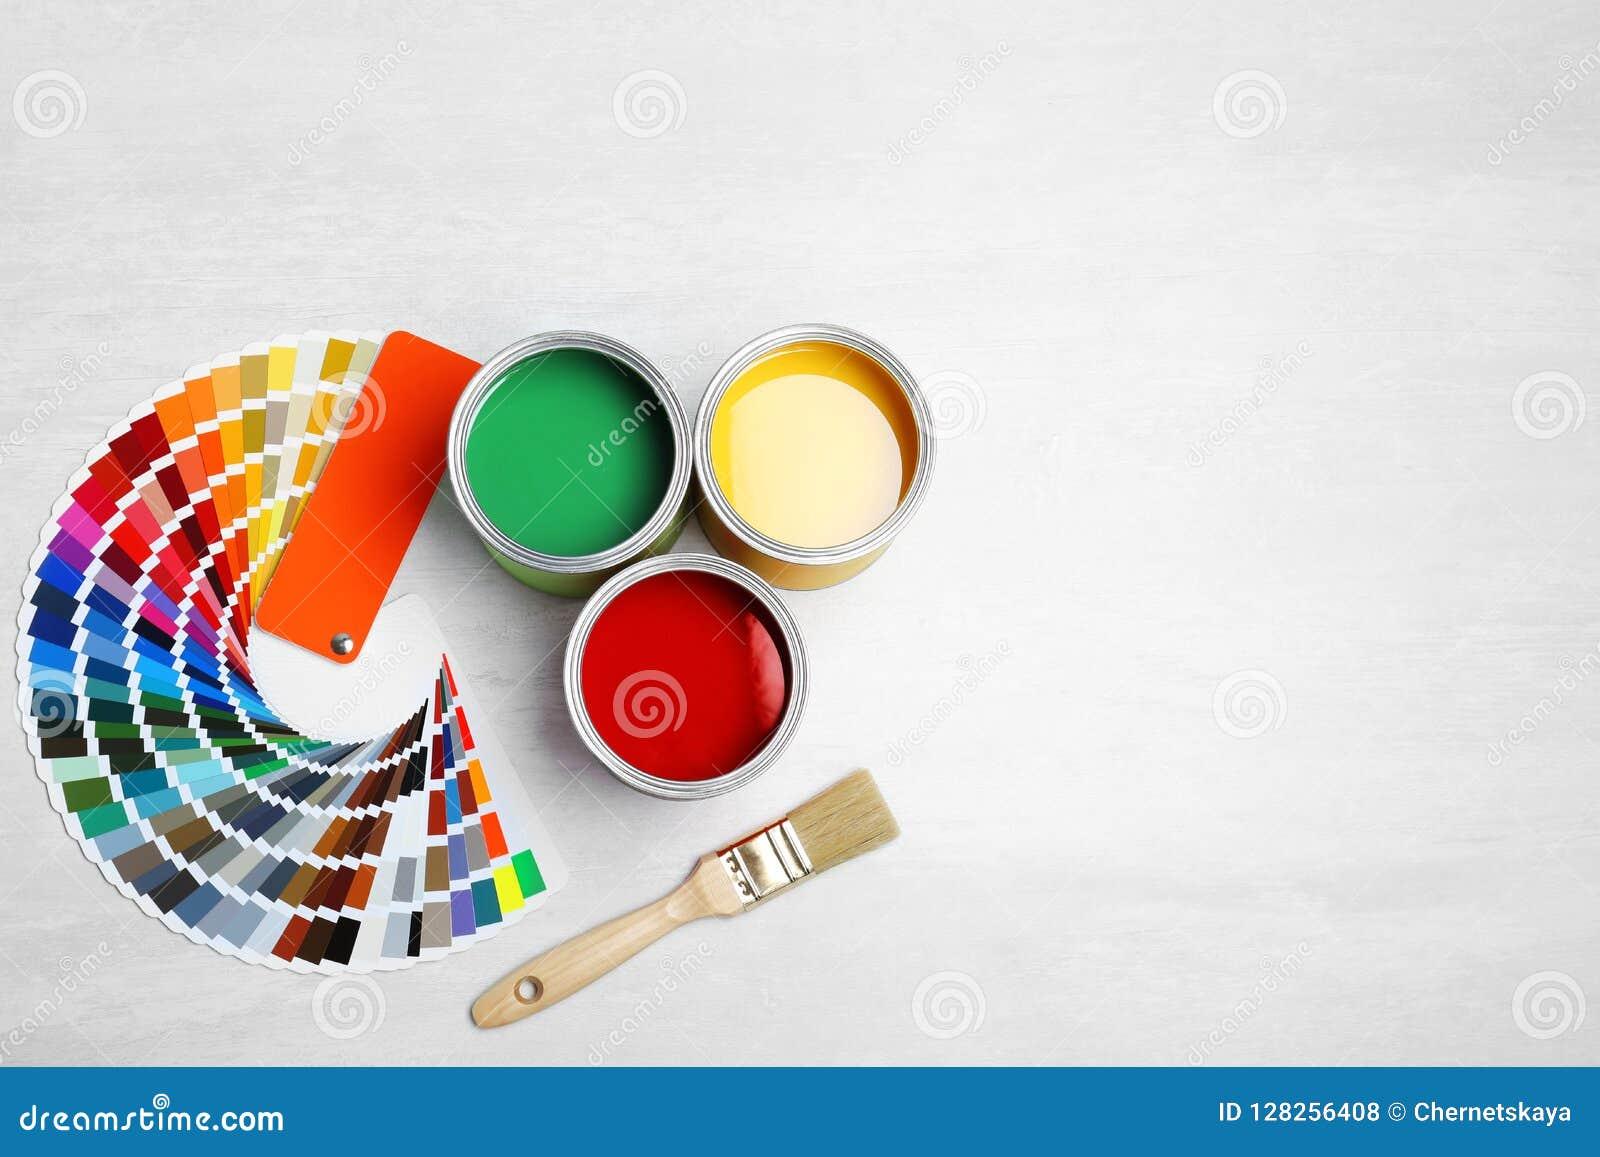 Blikken met verf, borstel en kleurenpalet